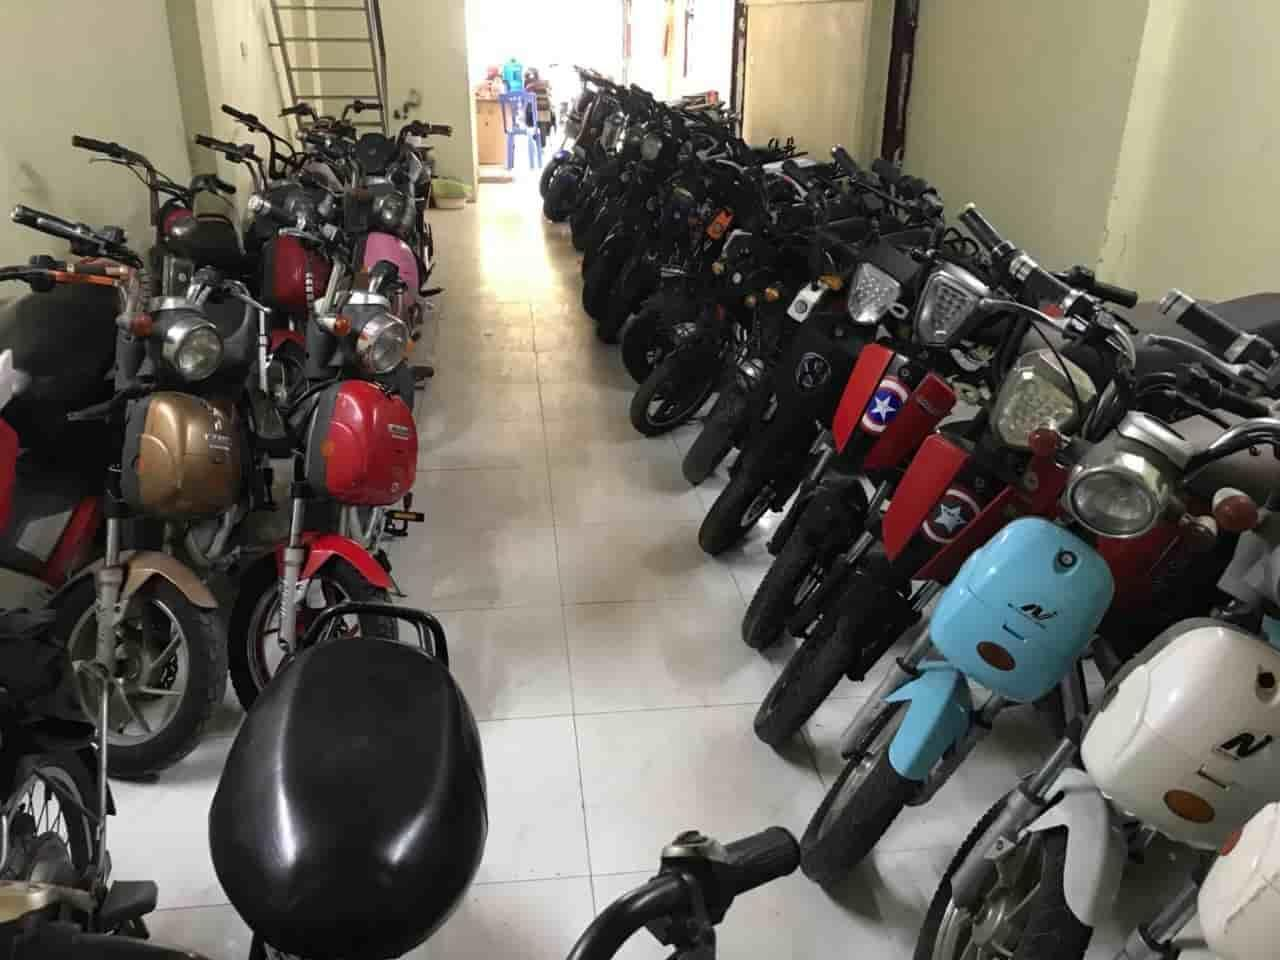 Xe Đạp Điện Cũ Đức Giang - Sài Đồng - Hà Nội Uy Tín Số 1 Tại Hà Nội